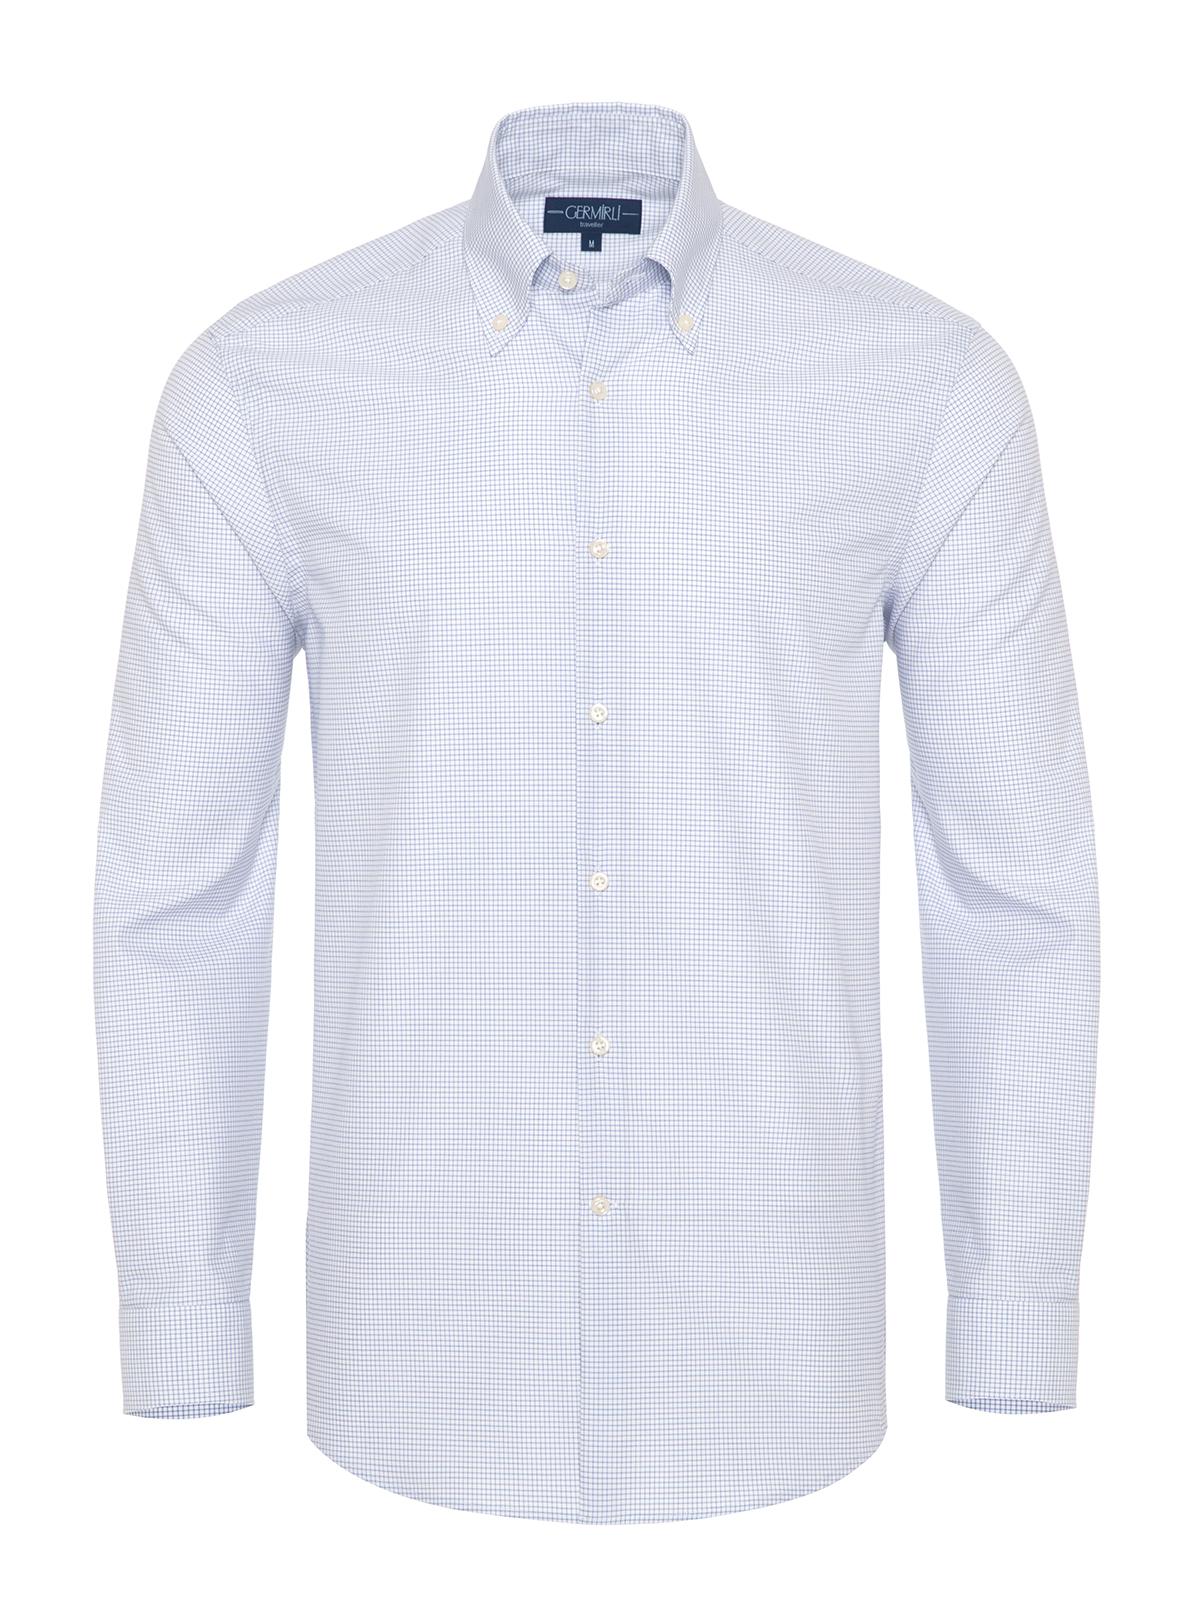 Germirli - Germirli Non Iron A. Mavi Beyaz Kareli Düğmeli Yaka Tailor Fit Journey Gömlek